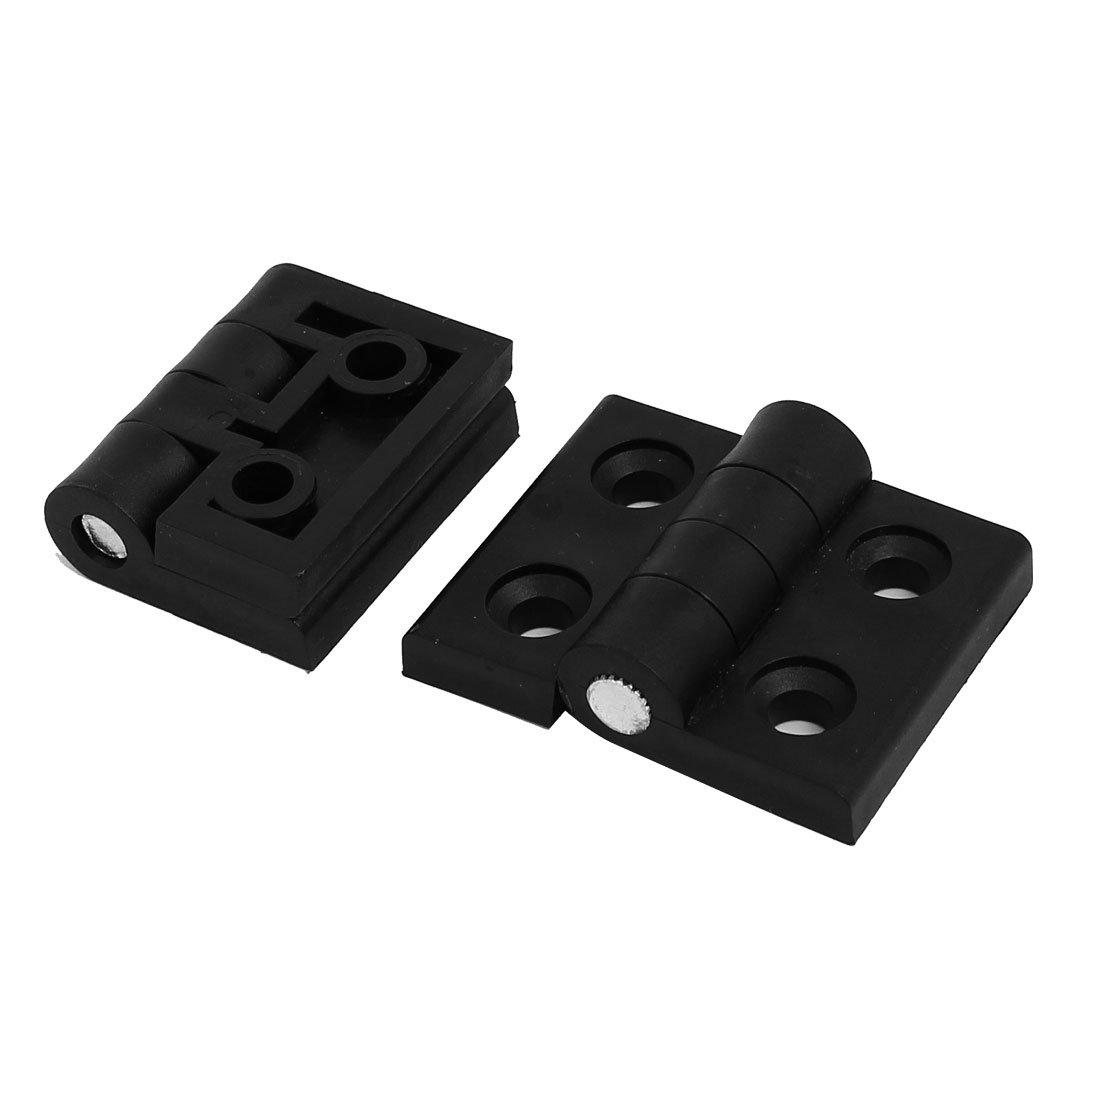 Bisagra plegable de plástico 45mmx57mm negro 6pcs para puerta tapa de armario